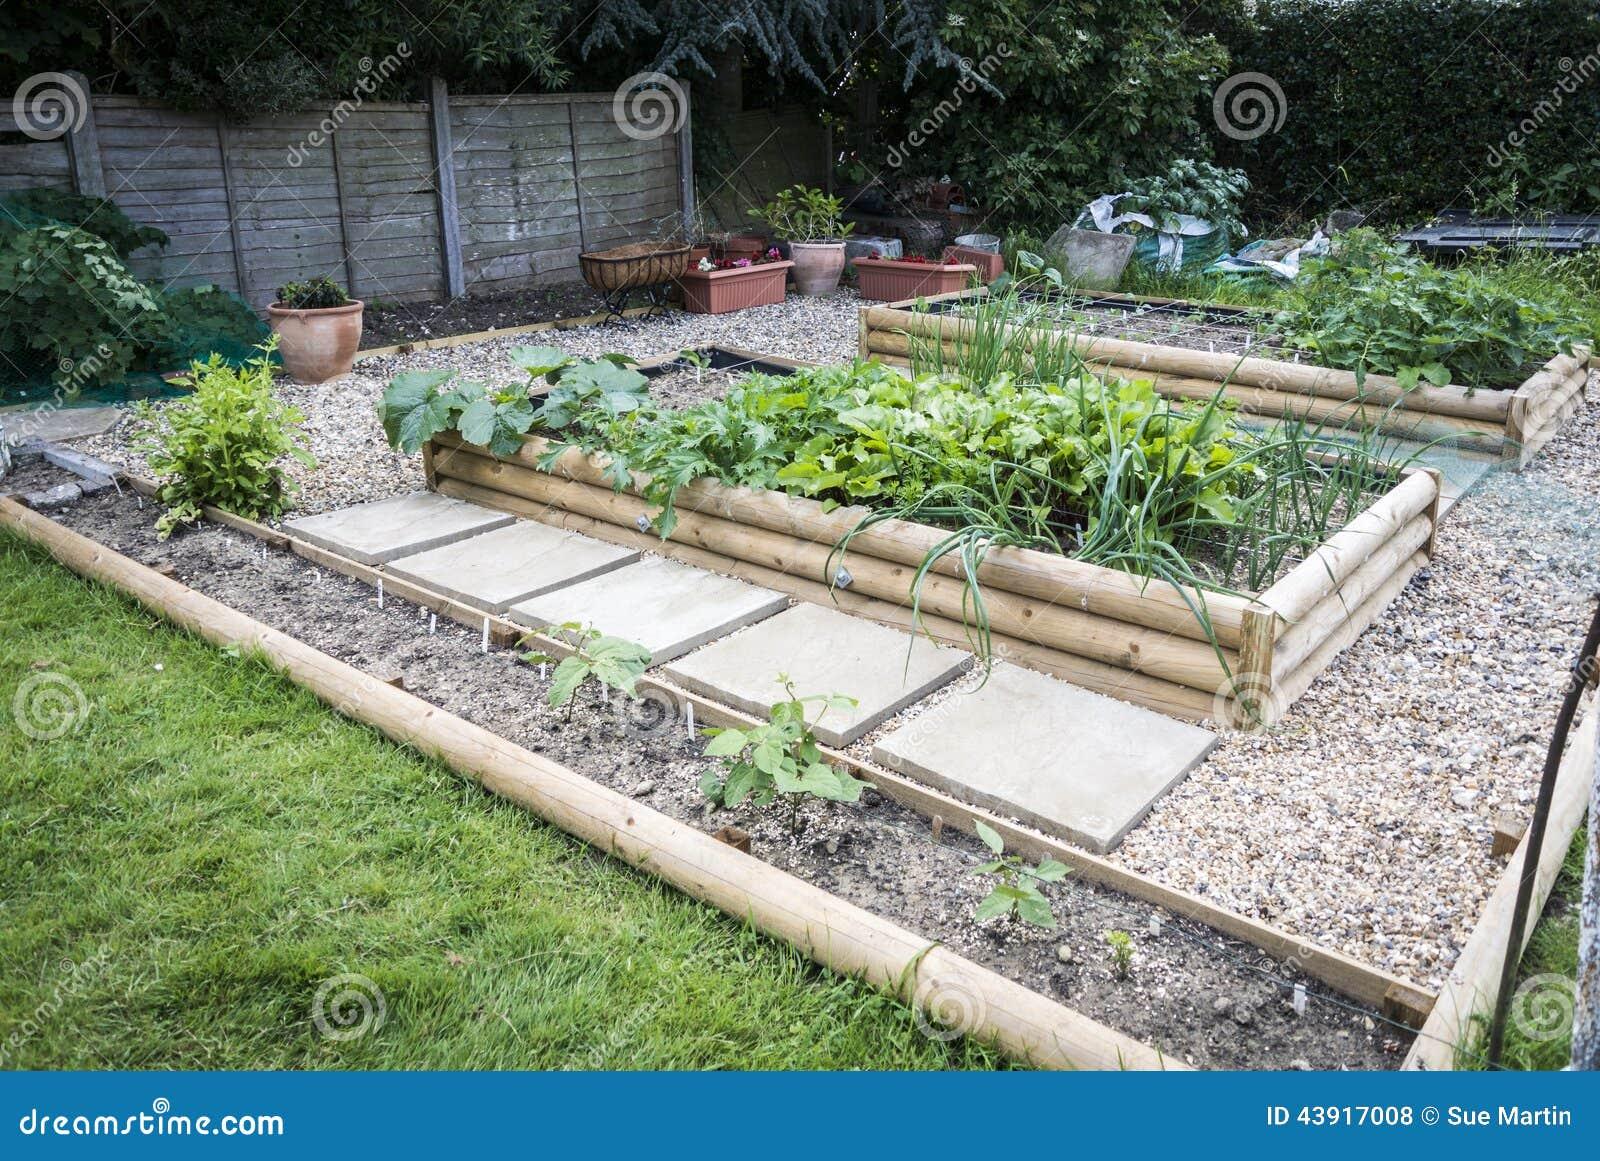 庭院菜地设计图图片